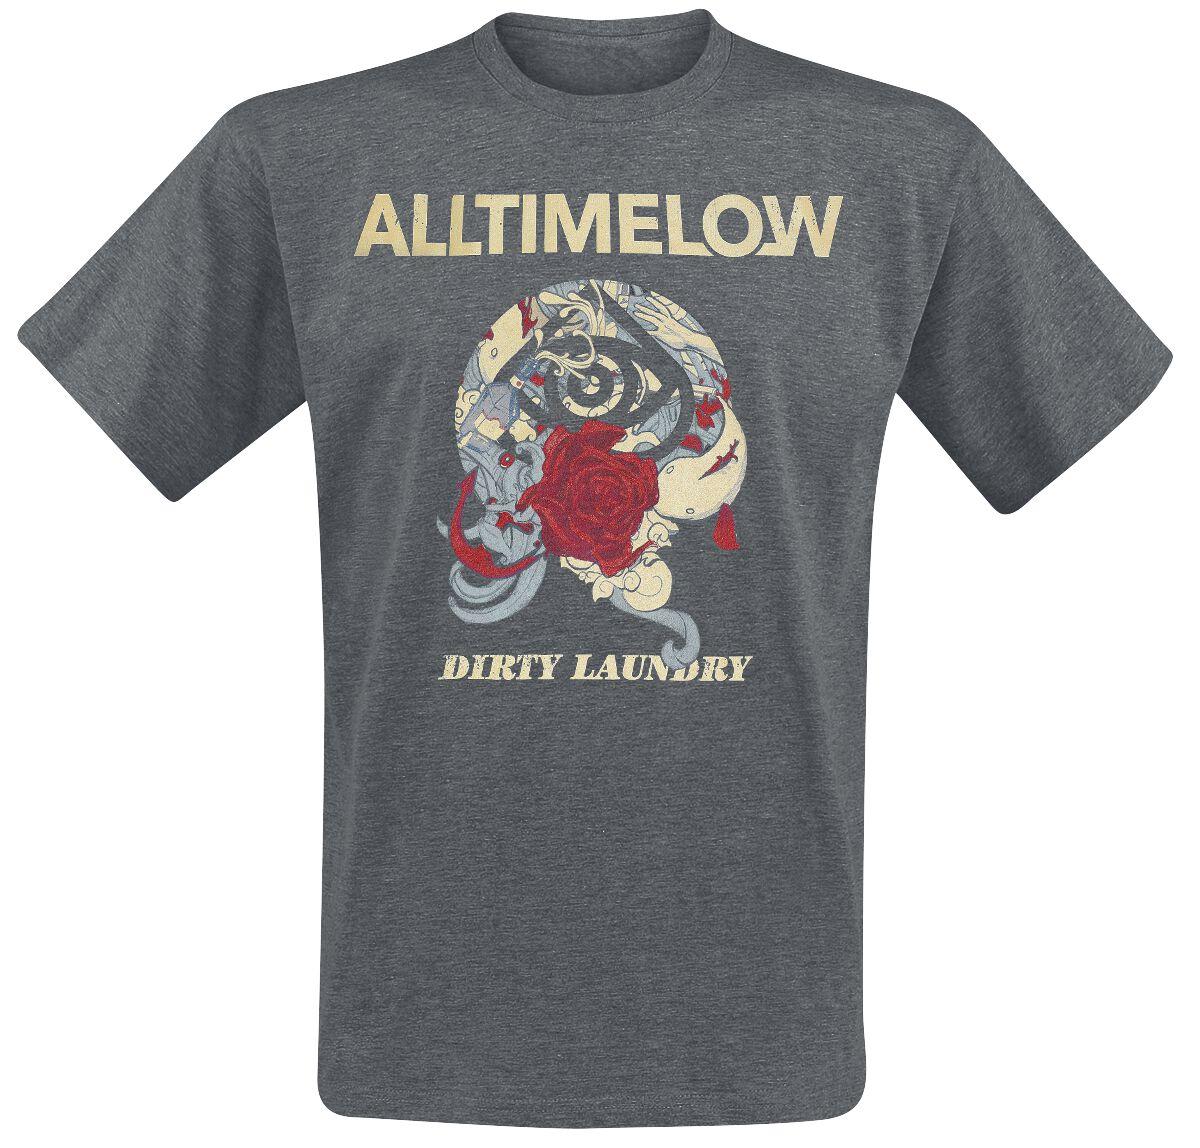 Zespoły - Koszulki - T-Shirt All Time Low Dirty Laundry T-Shirt ciemnoszary - 355037